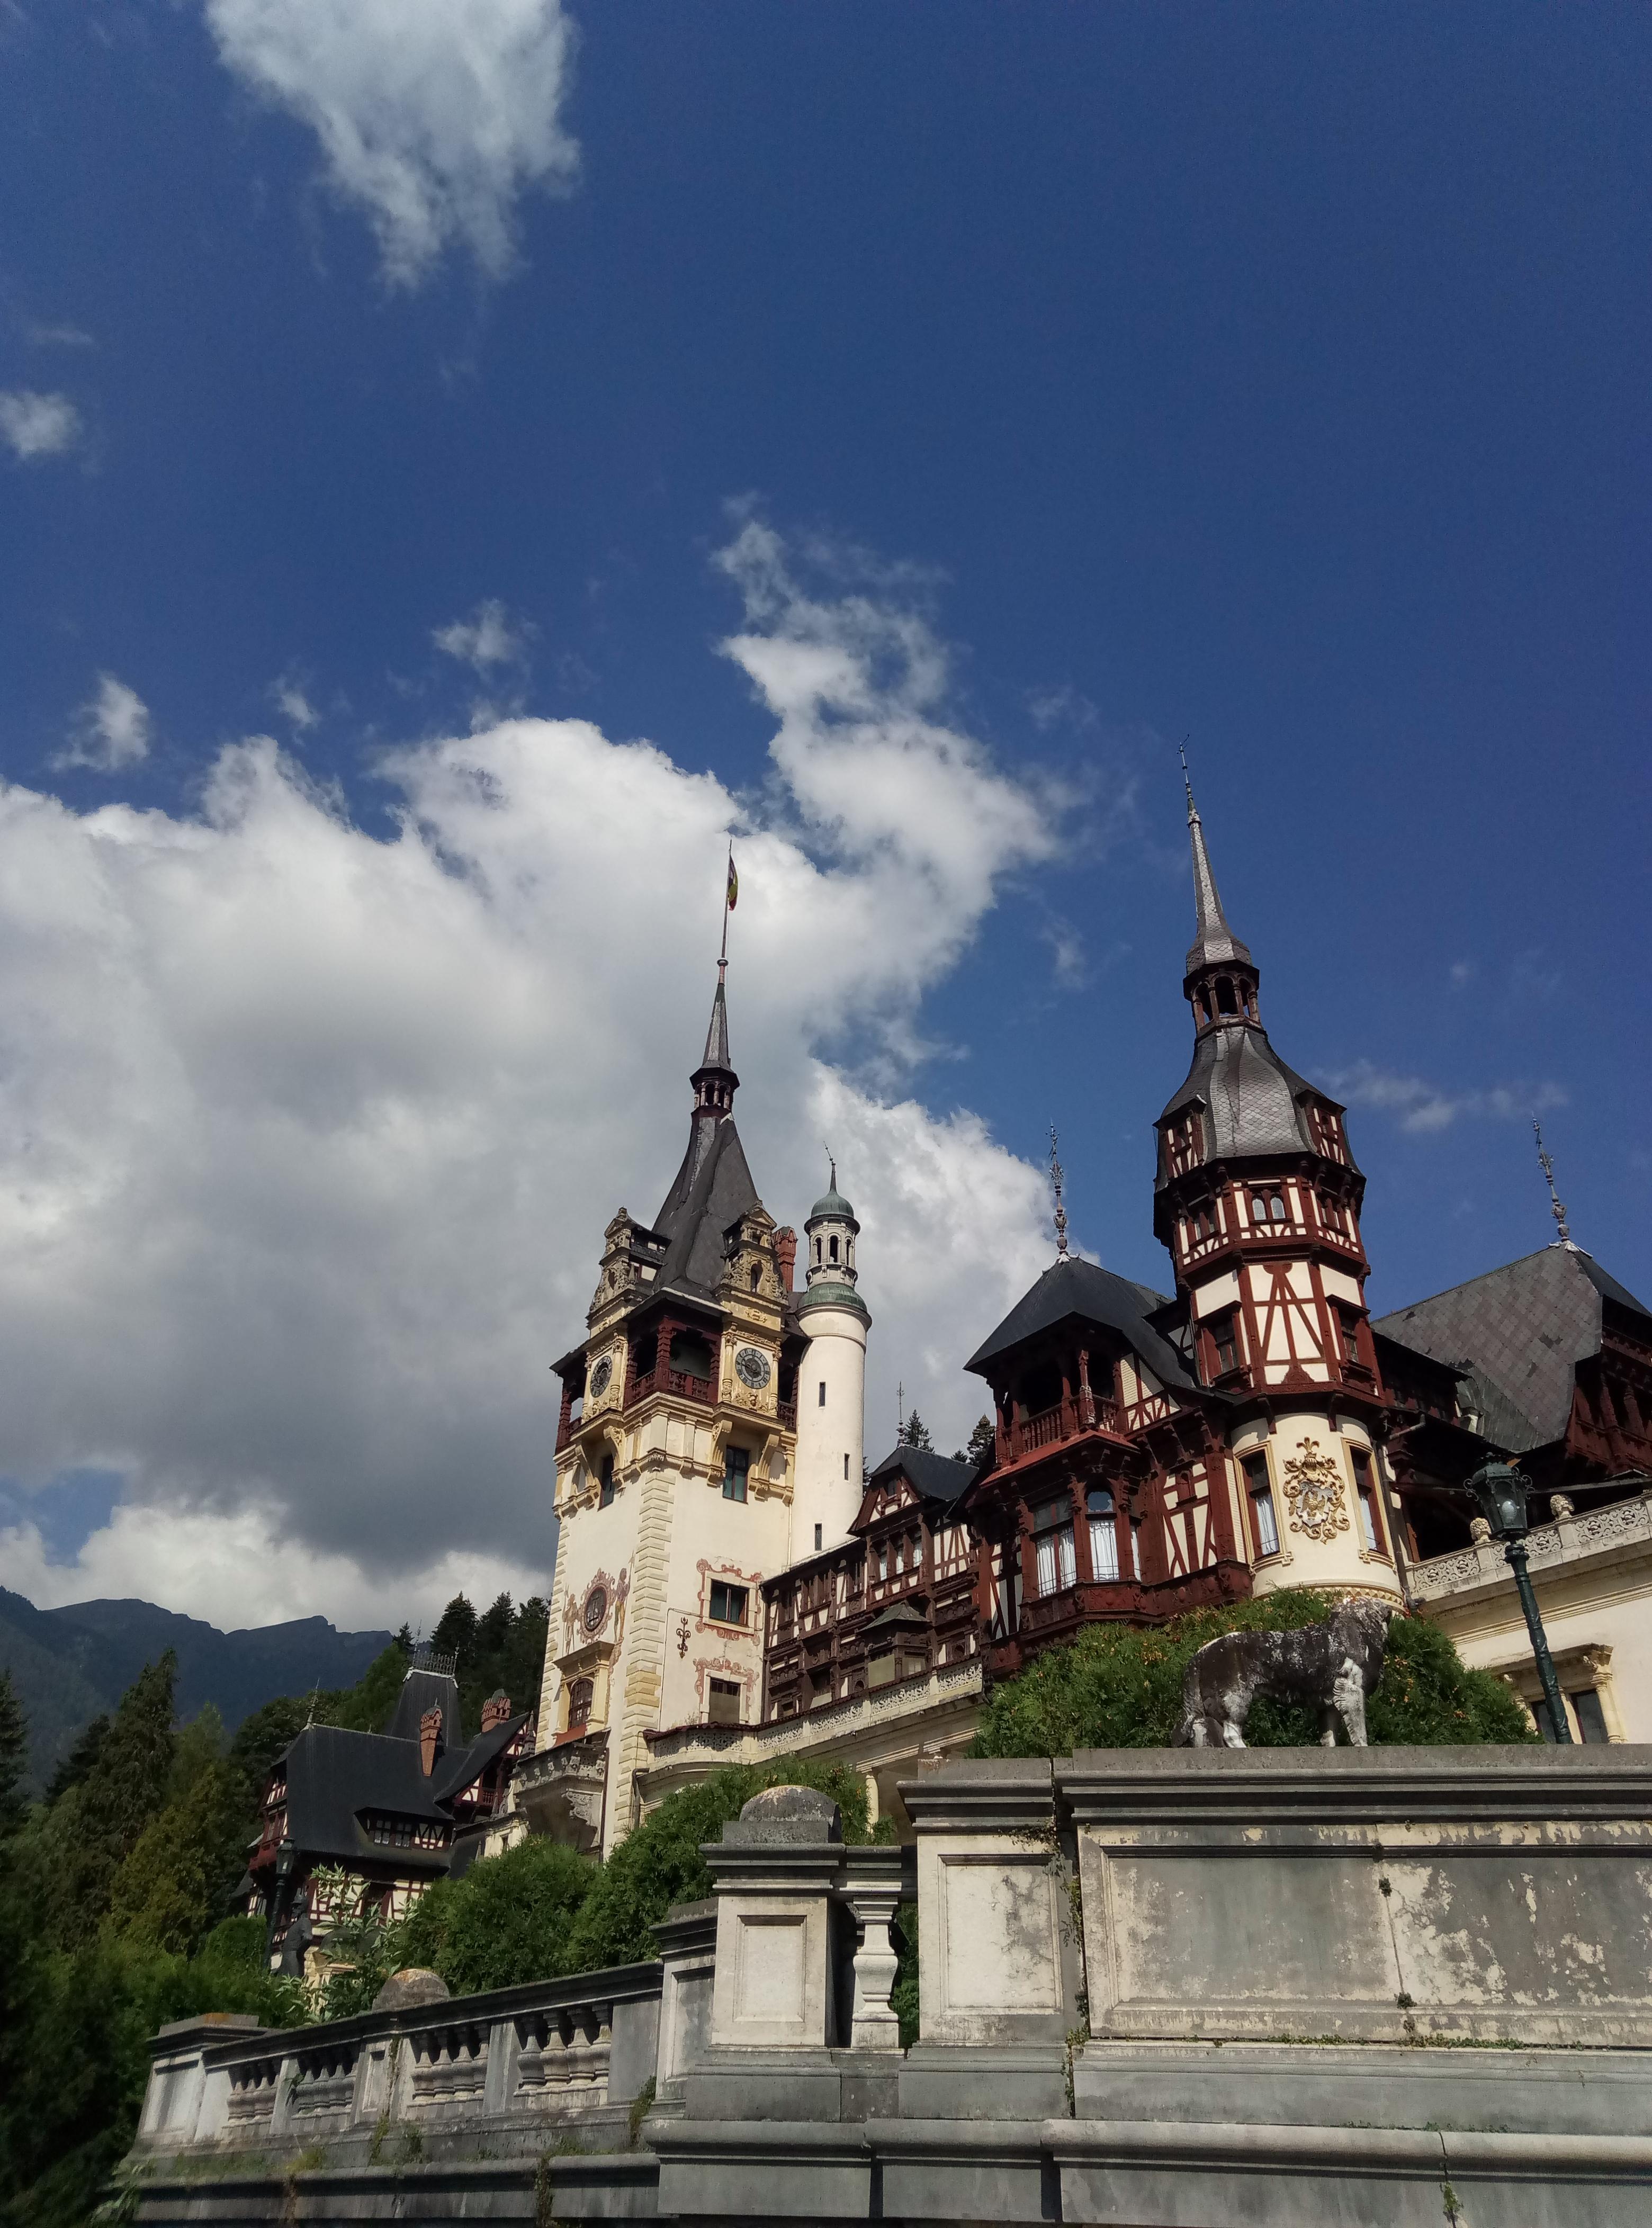 Замок Дракулы в Трансильвании: у вапмира были гениальные пиарщики Замок Дракулы в Трансильвании P80825 113035